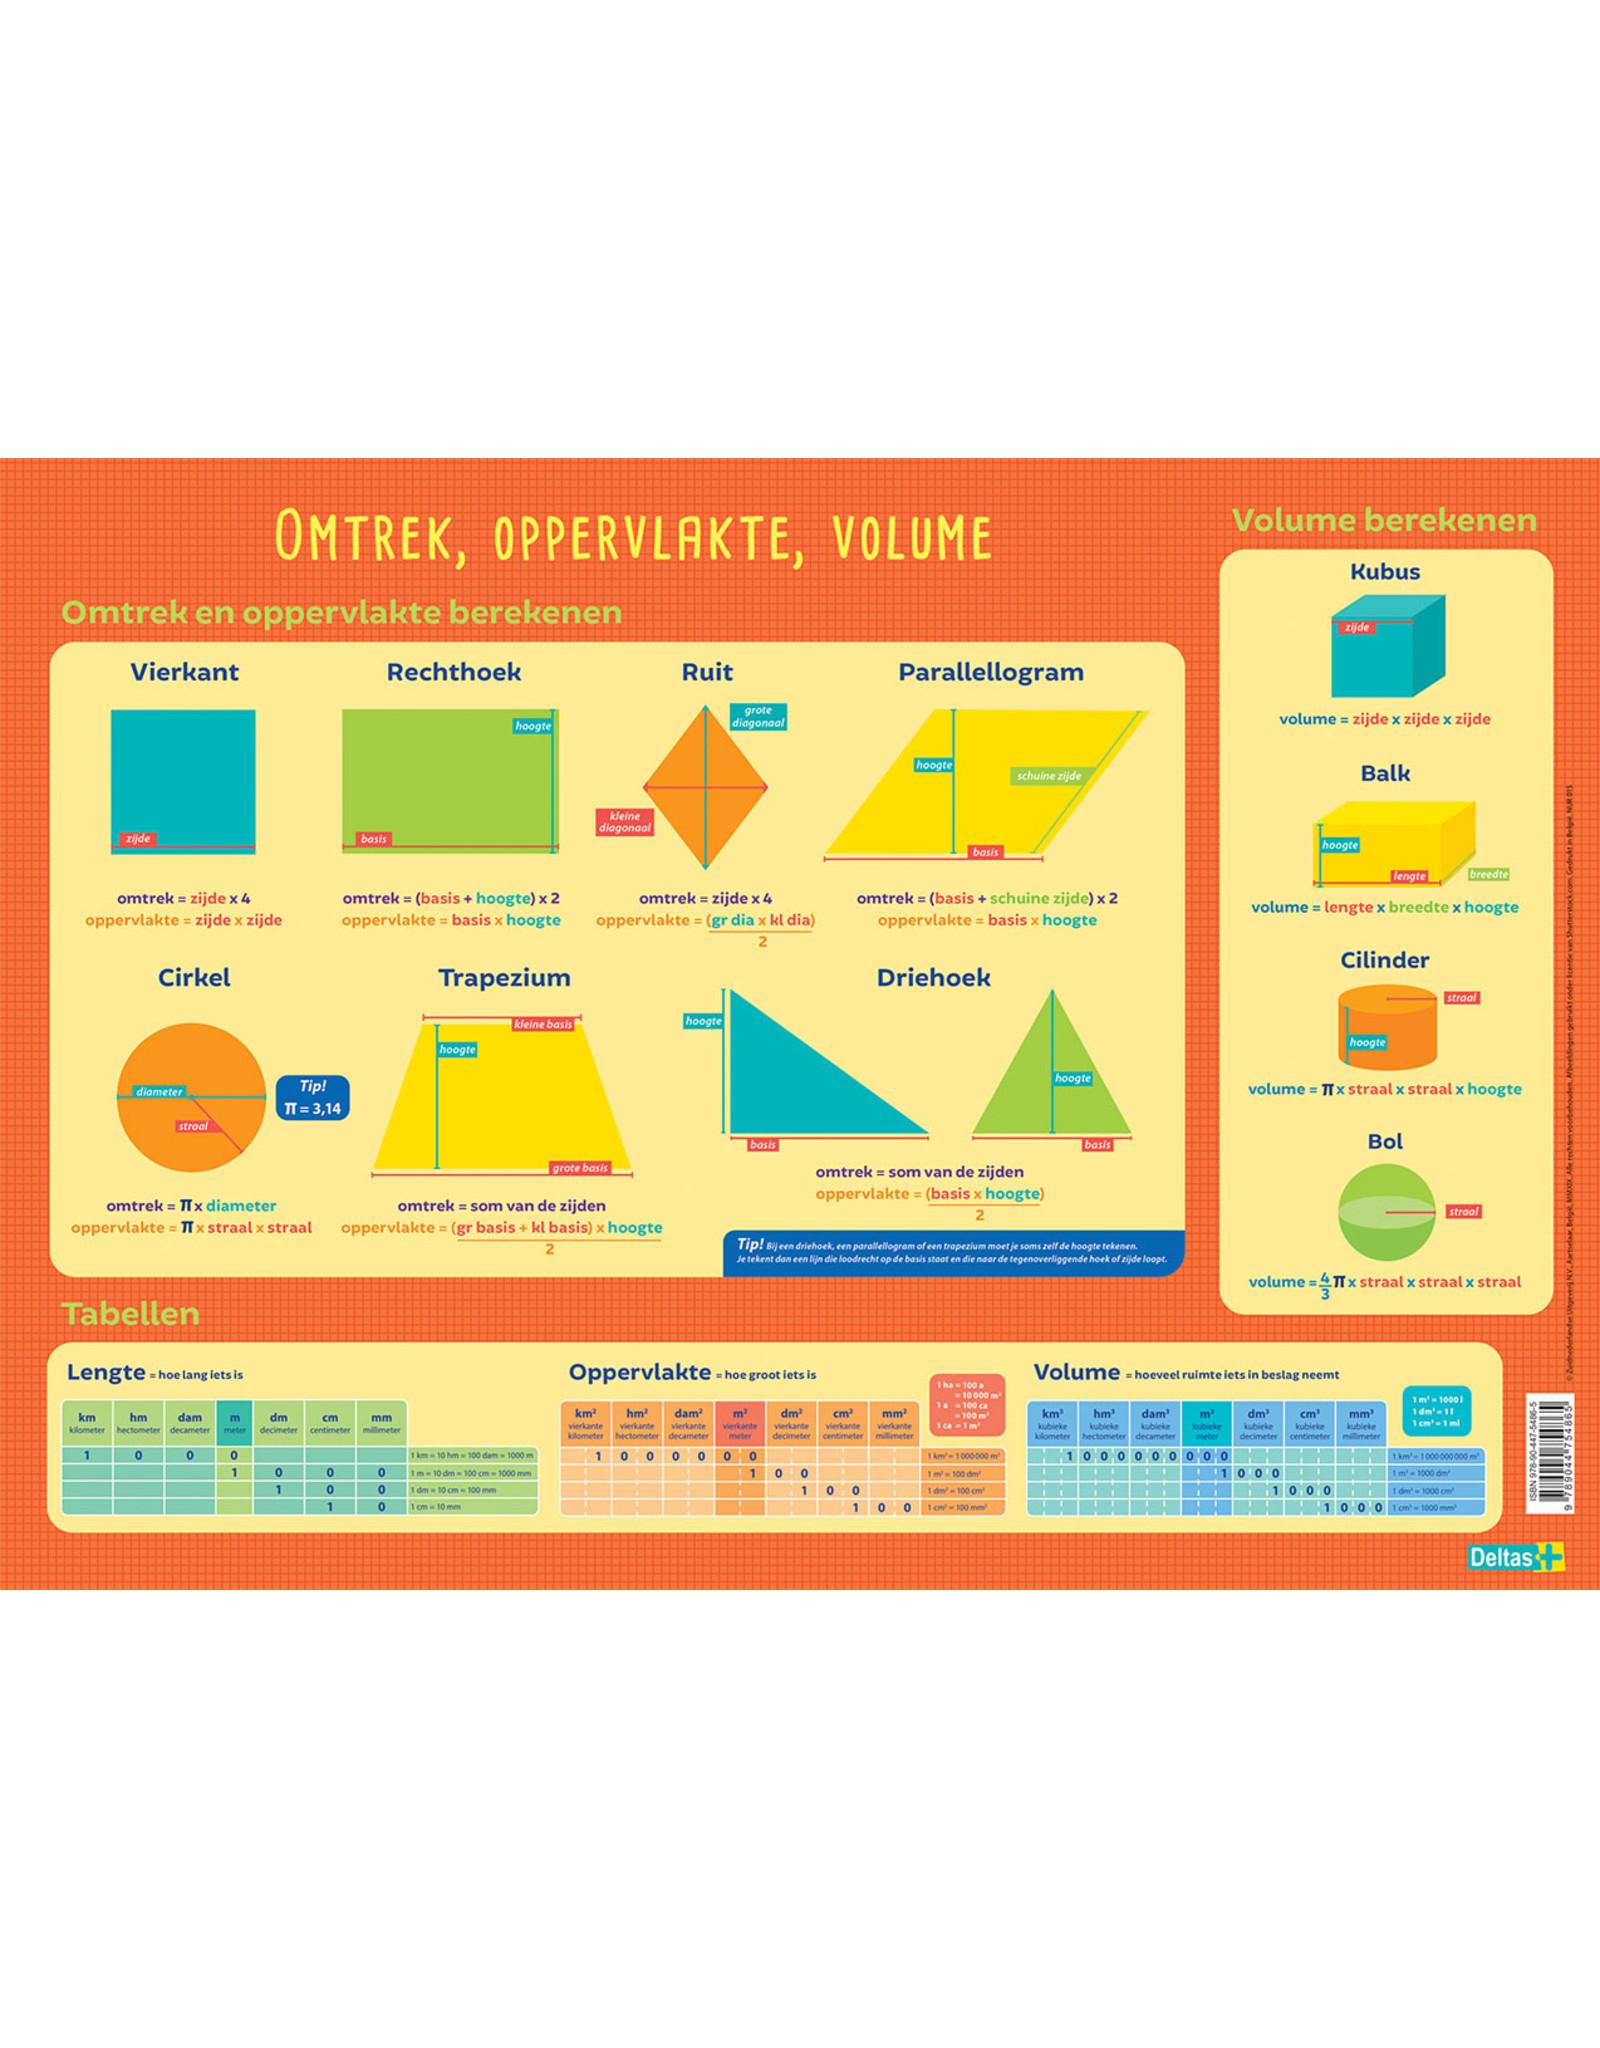 Deltas Educatieve Onderleggers - Omtrek, Oppervlake, Volume